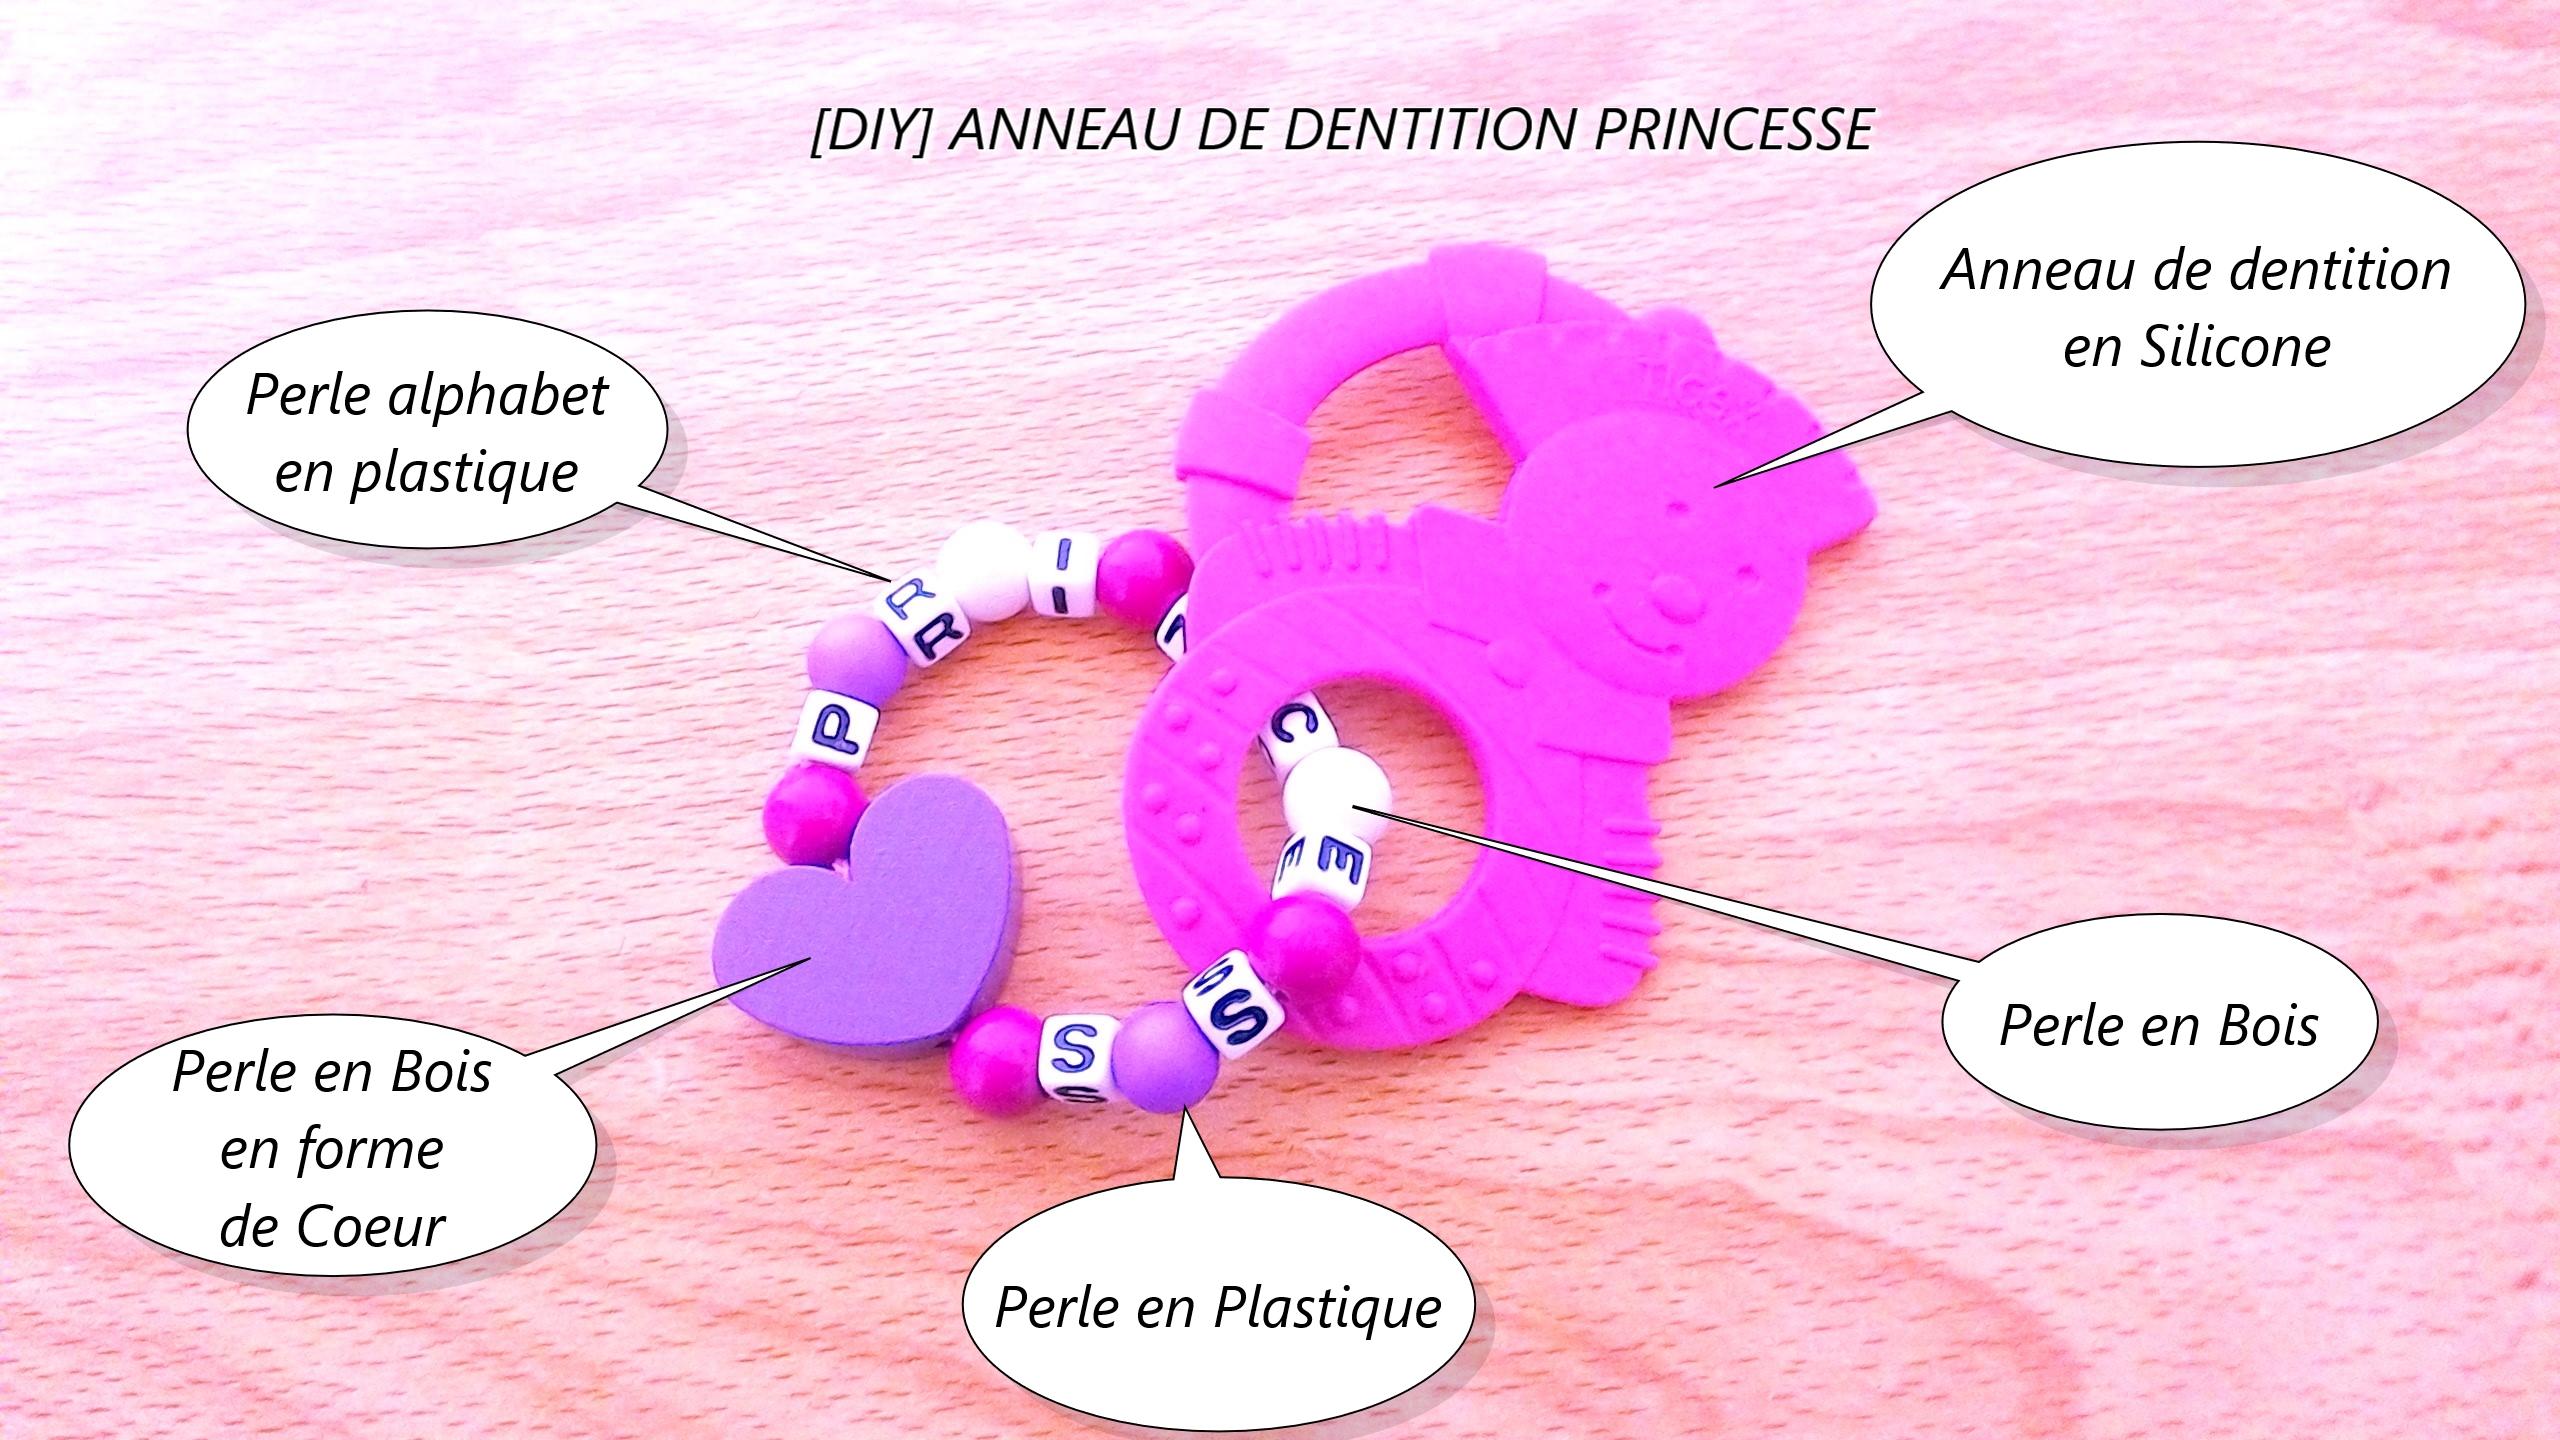 [DIY] ANNEAU DE DENTITION PRINCESSE